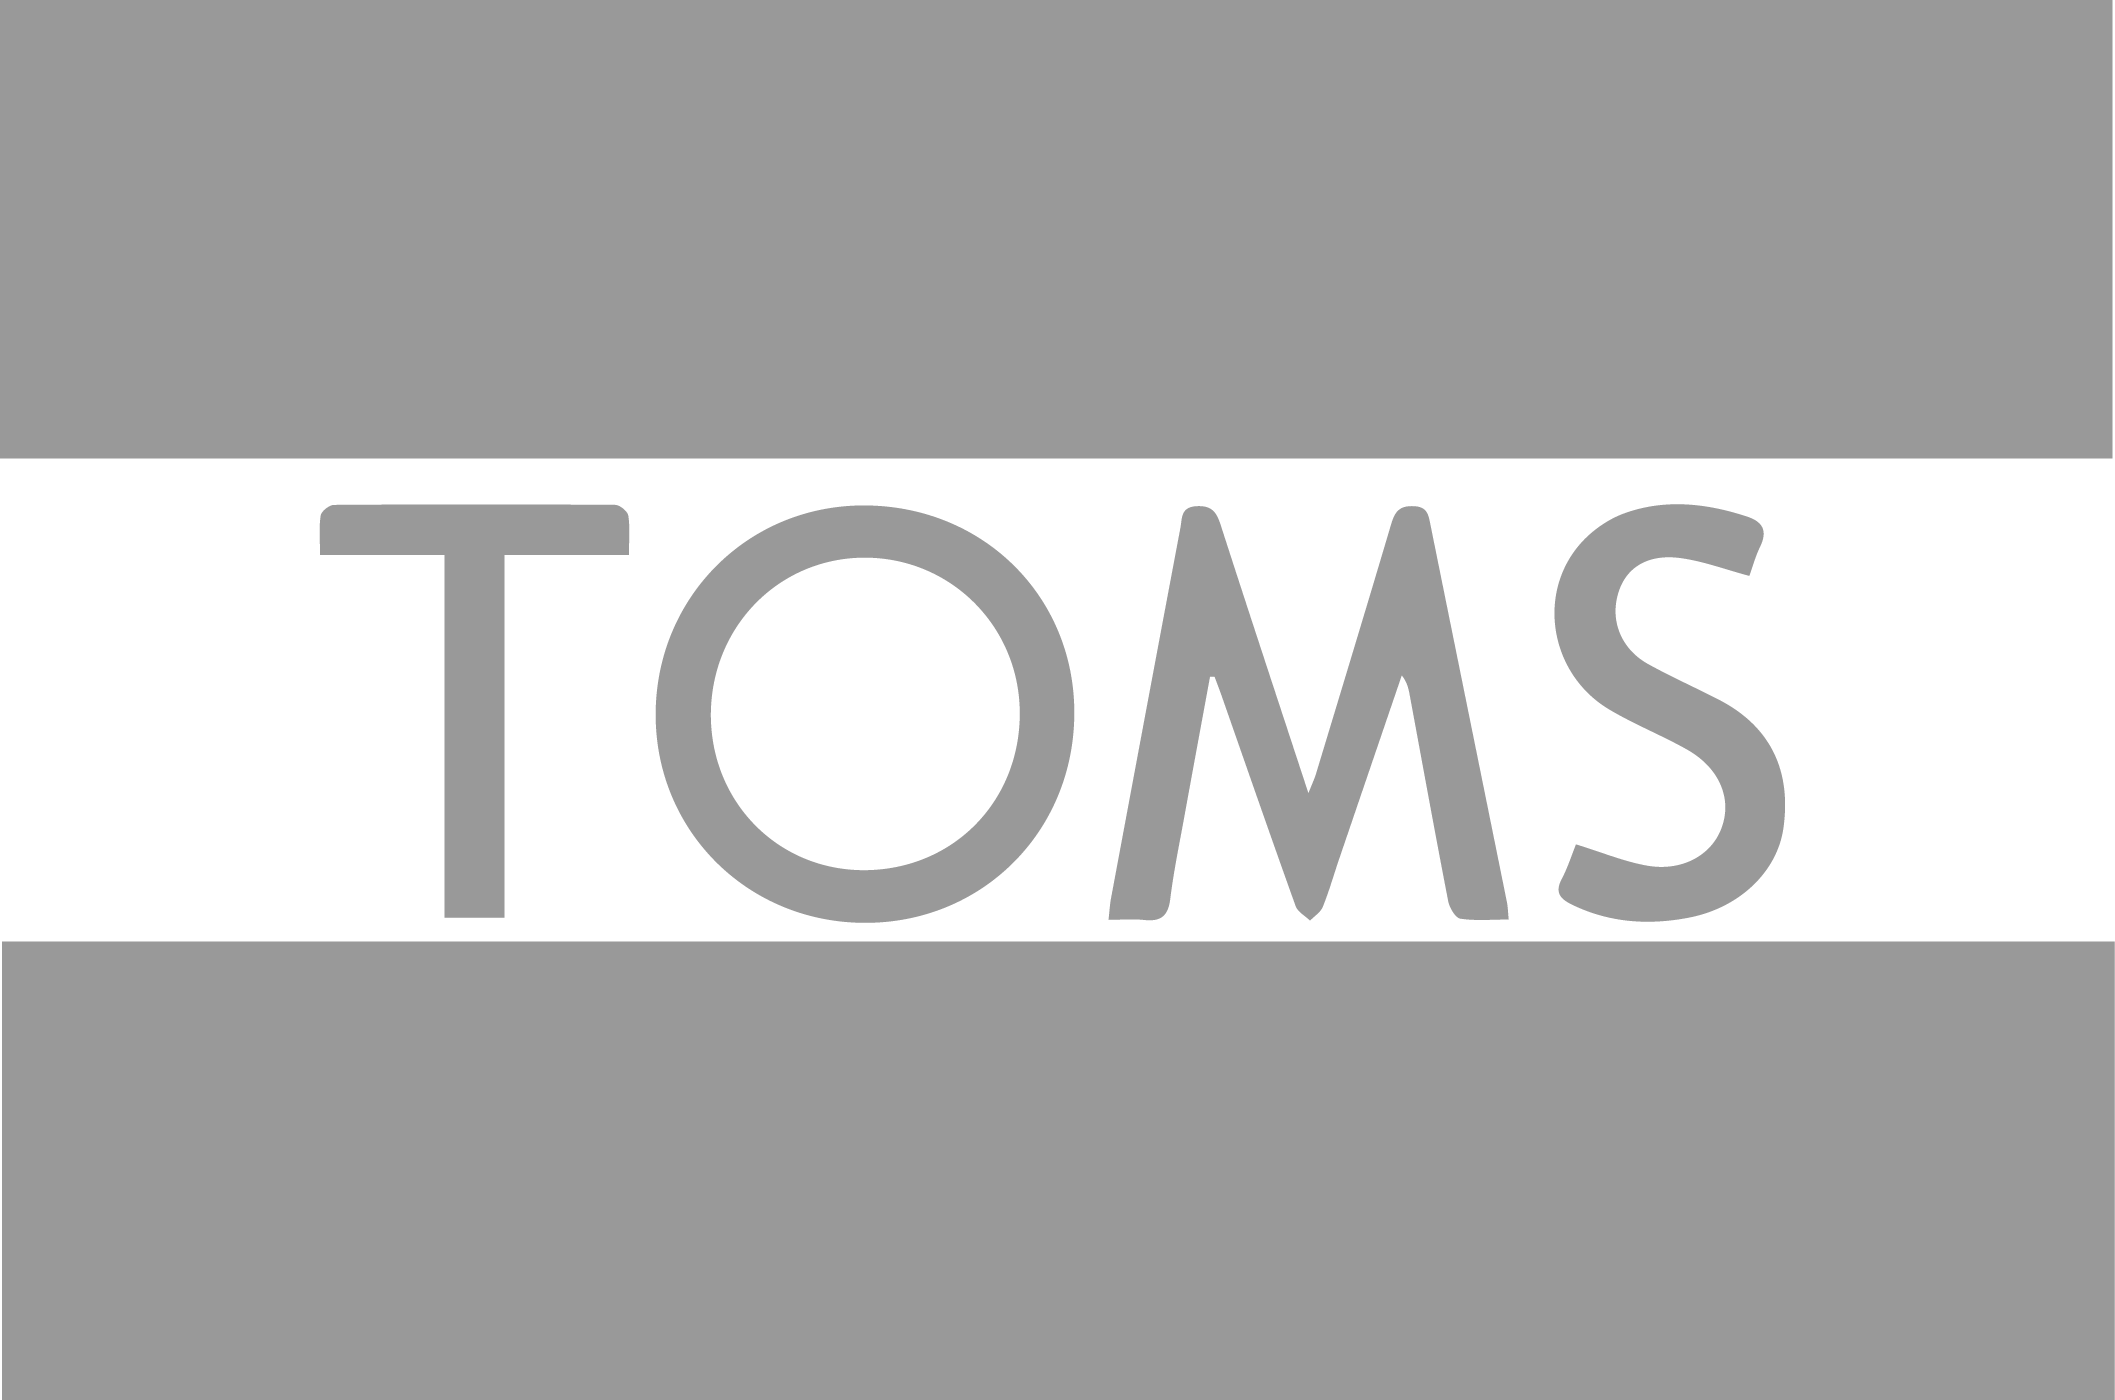 logo_toms(grey).png